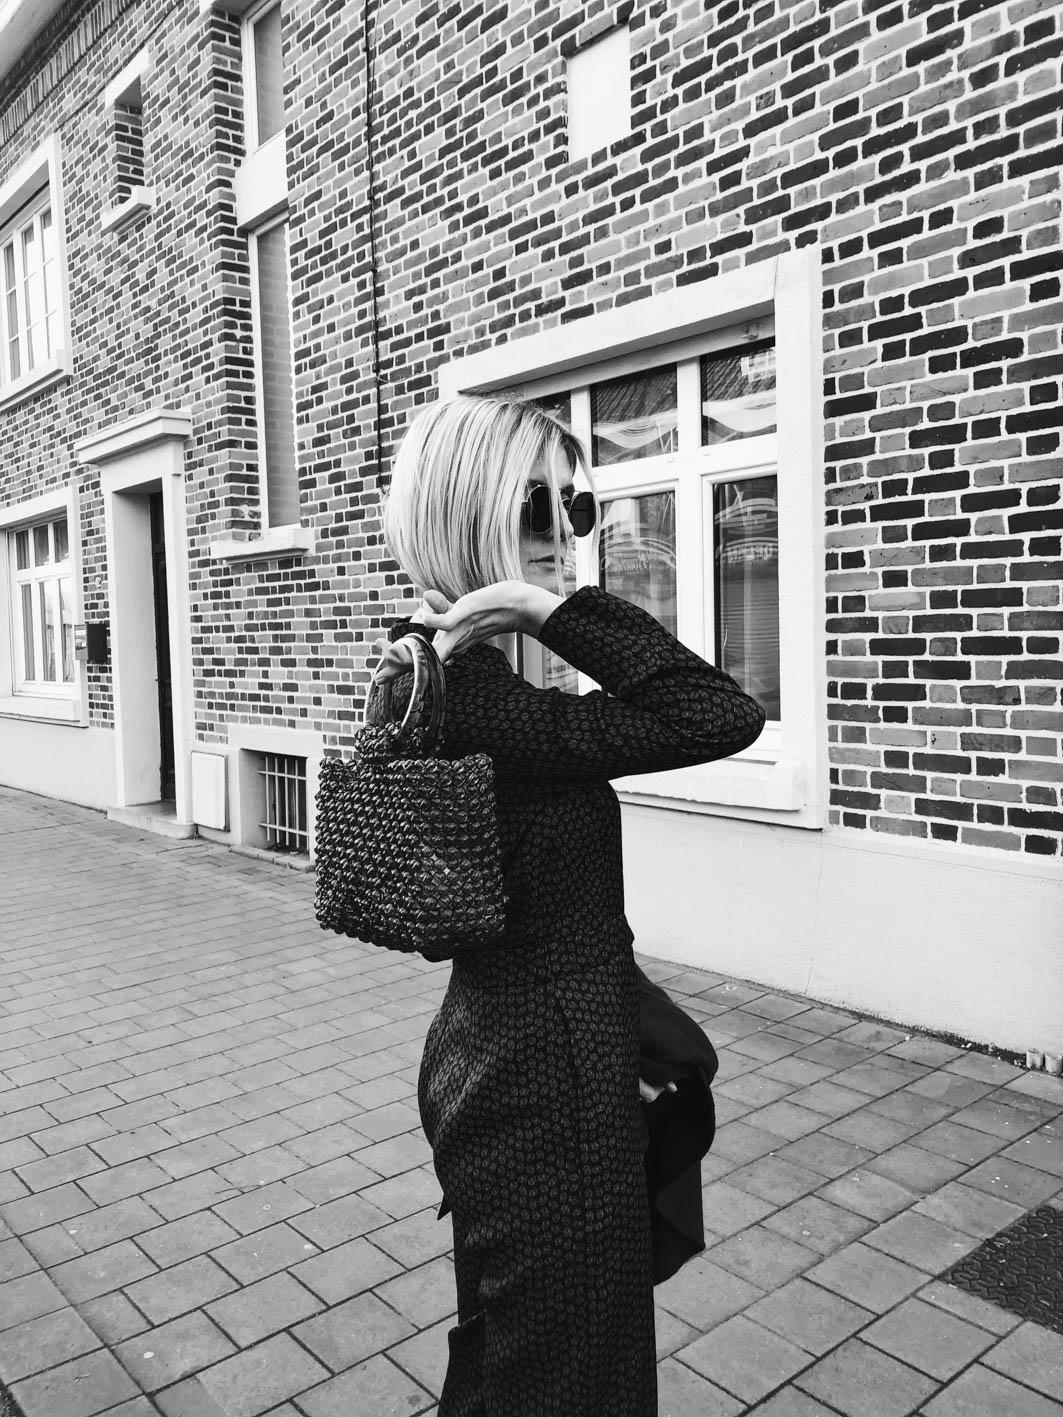 Carnet Sauvage - Blog mode et tendances, idée look combinaison & other stories